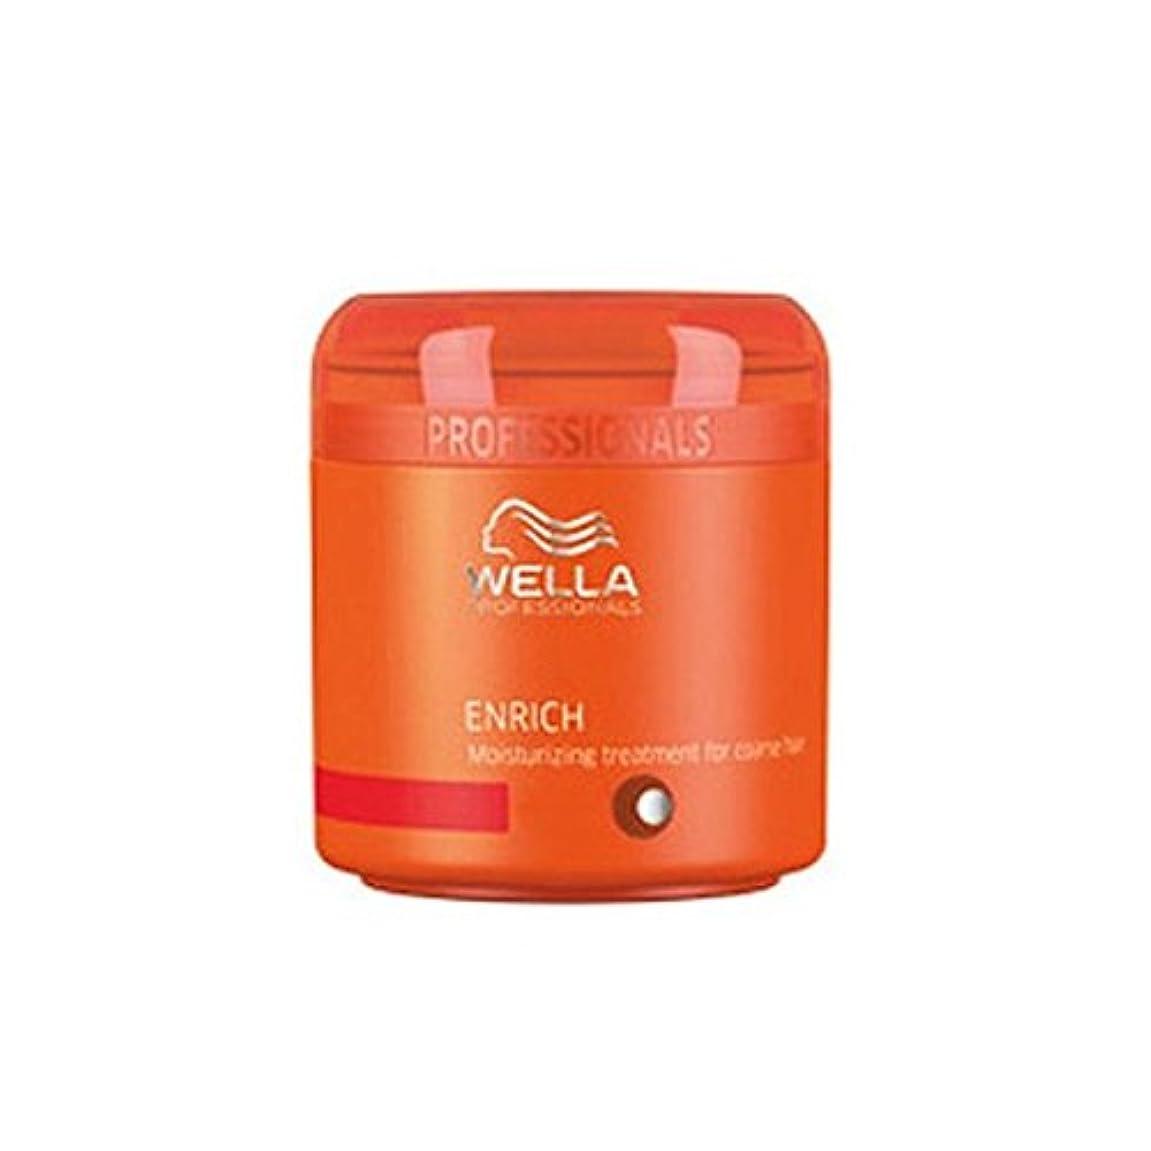 曲線社会主義電話Wella Professionals Enrich Moisturising Treatment For Coarse Hair (150ml) (Pack of 6) - ウェラの専門家は粗い毛(150ミリリットル)のための保湿トリートメントを豊かに x6 [並行輸入品]